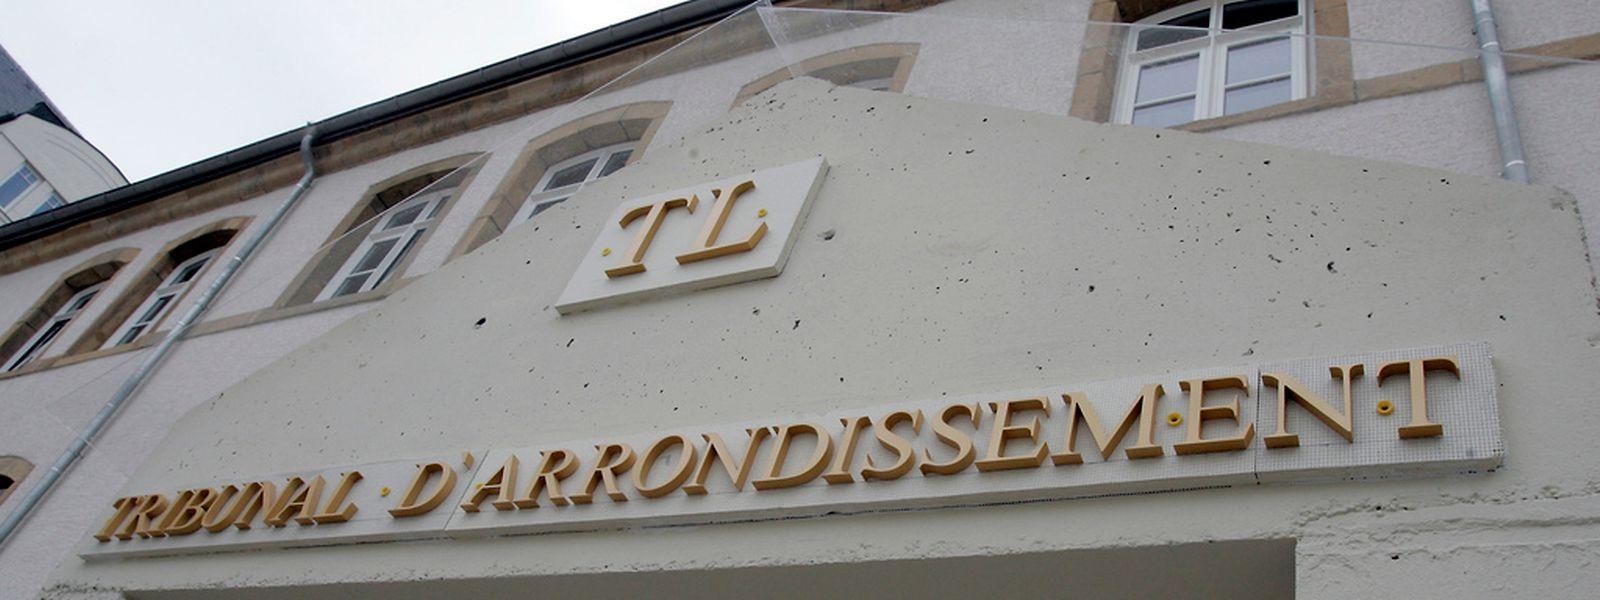 Die beiden Männer wurden am Donnerstagmorgen vor dem Bezirksgericht Luxemburg verurteilt.